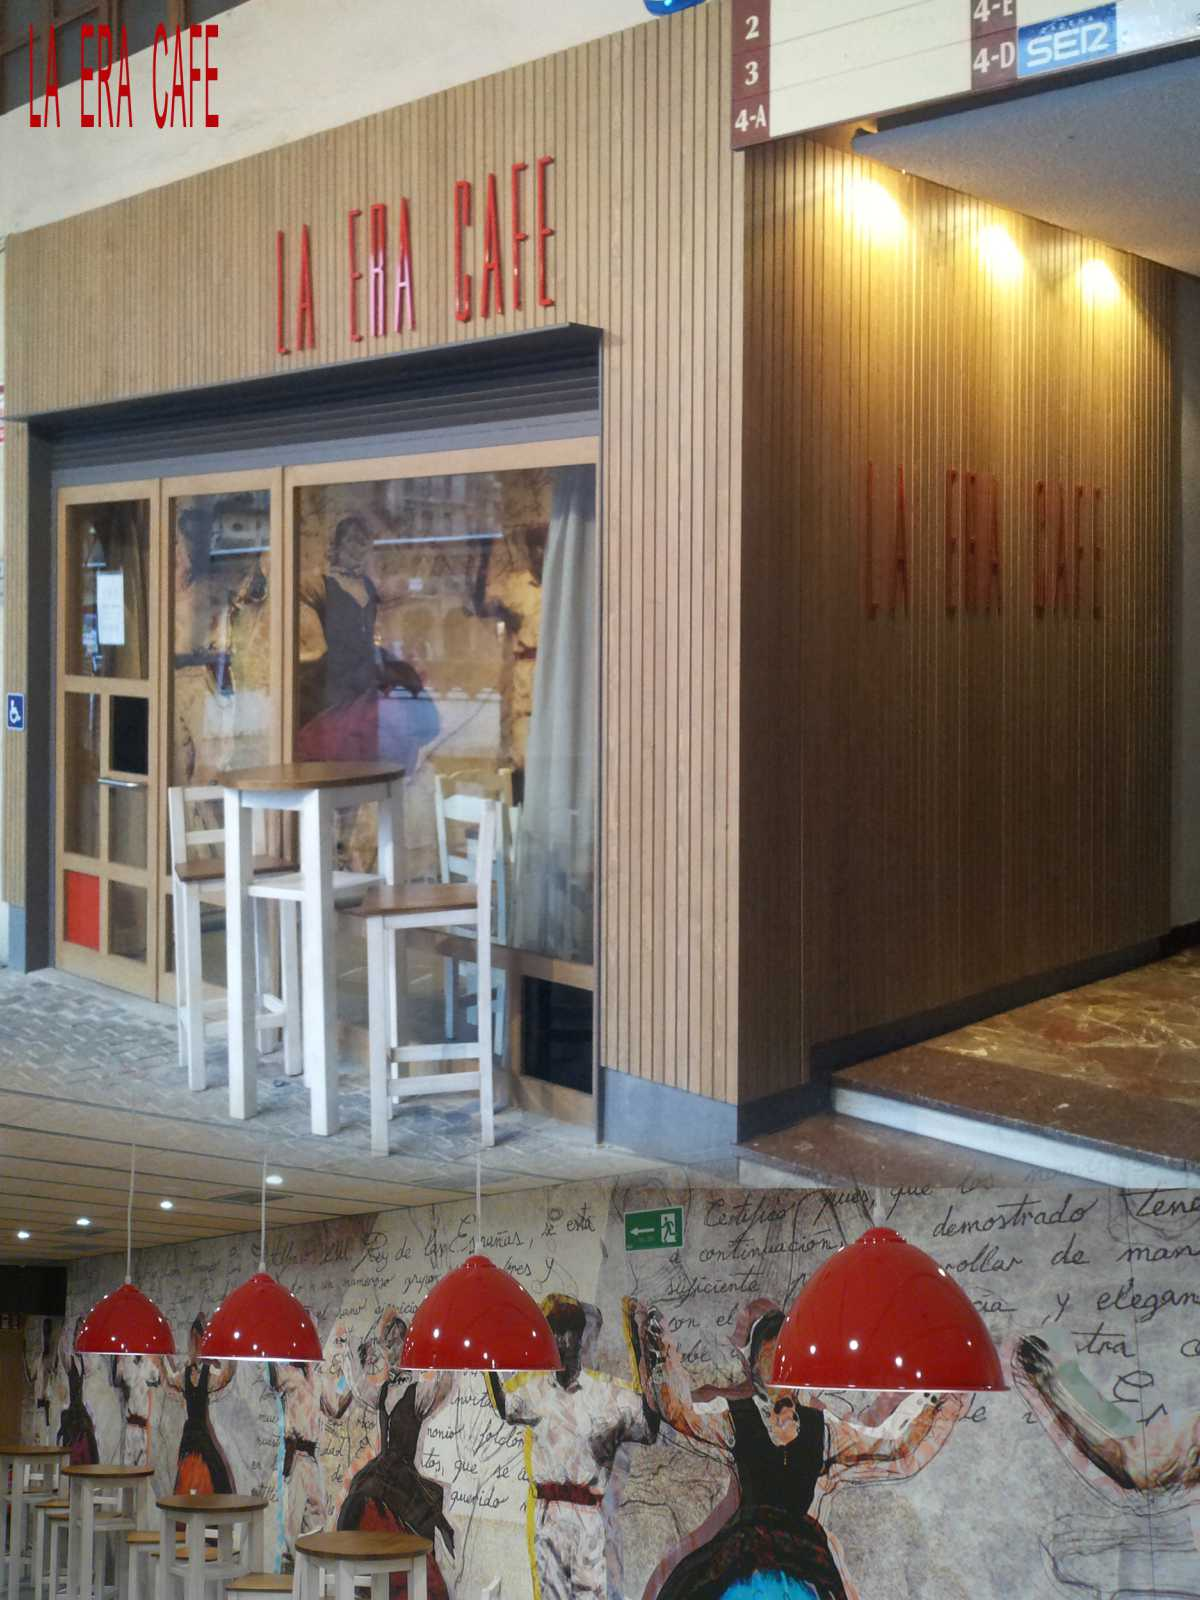 La sencillez de composición y de empleo de materiales, tratan de proyectar a través del único hueco existente en la fachada, la alegoría del panel interior. El toque de color rojo alude al mensaje festivo del BAILE DE LA ERA.